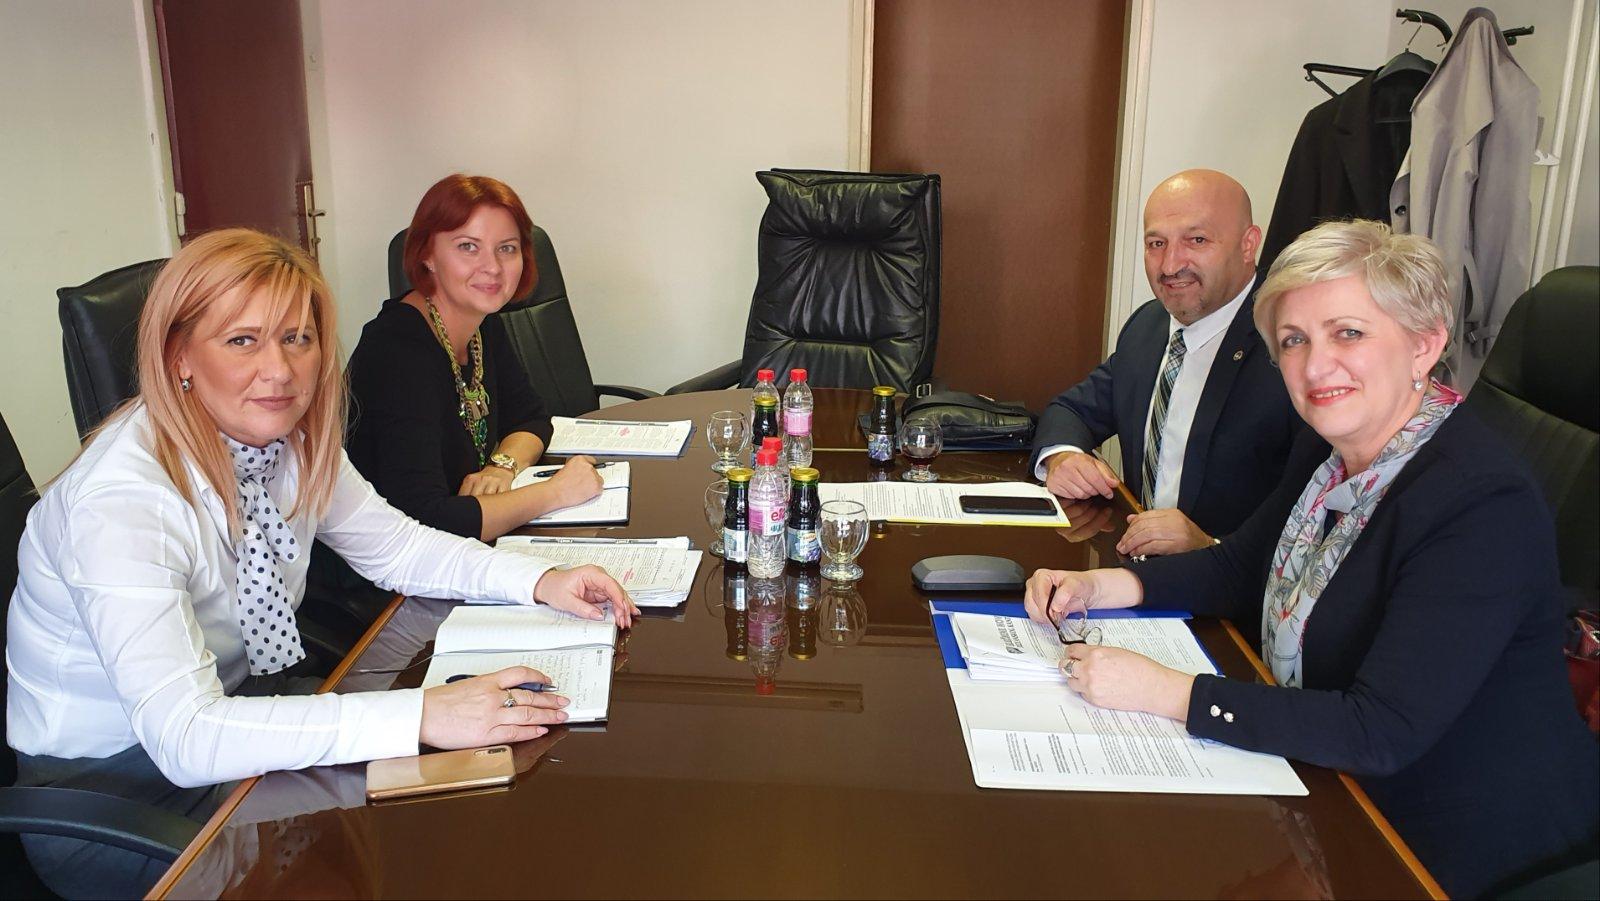 Održan Radni Sastanak U Ministarstvu Pravosuđa U Tuzli